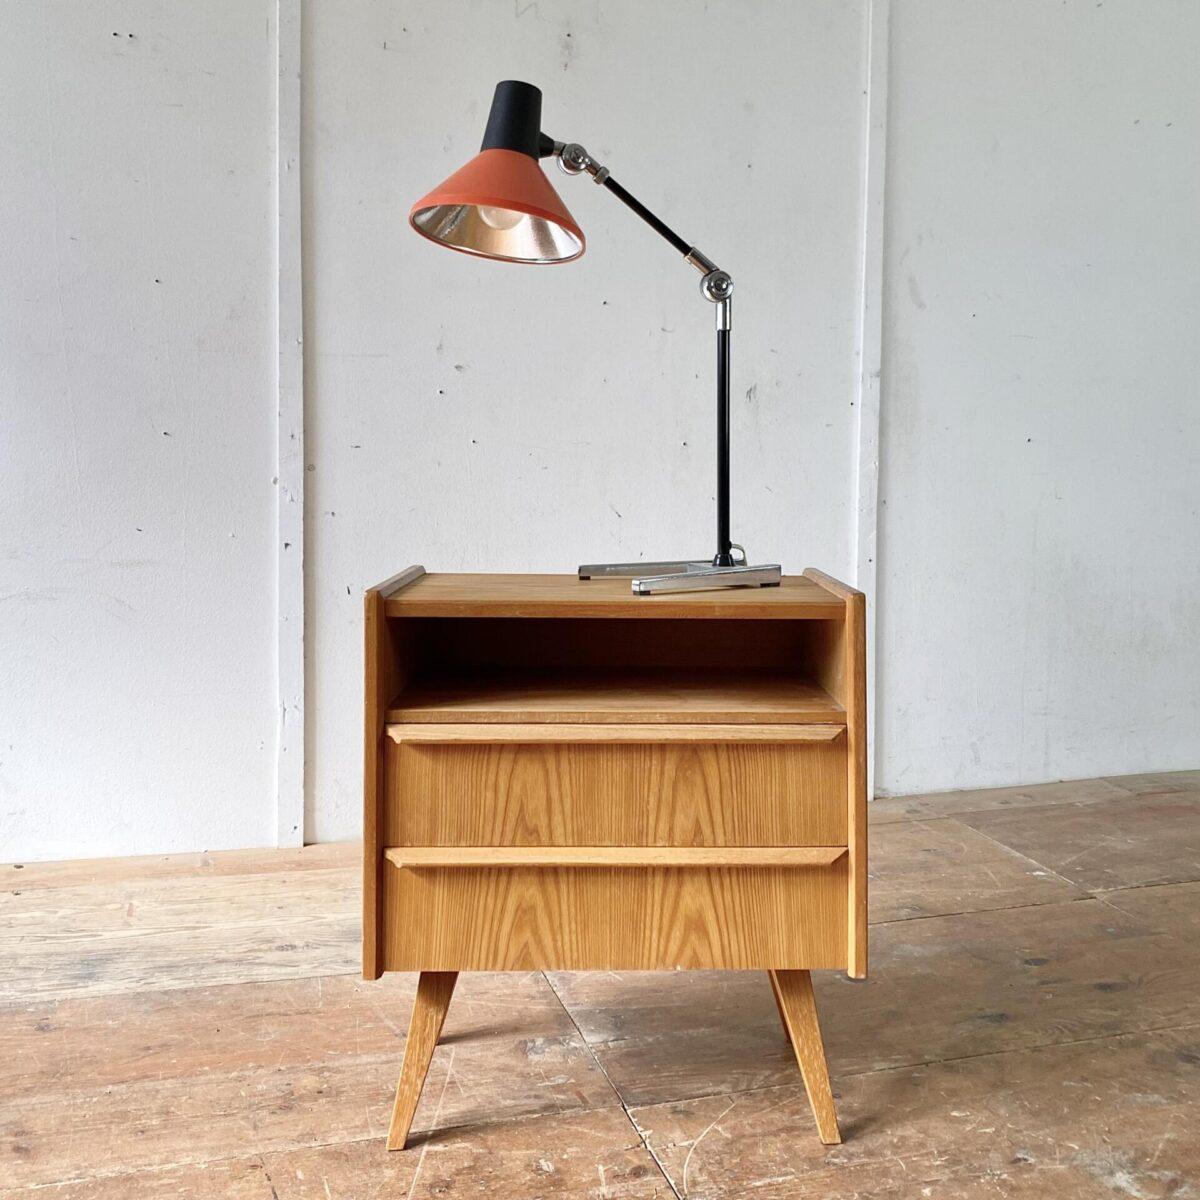 Kleine Kommode oder Nachttisch mit zwei Schubladen. 55x35cm Höhe 62cm. Korpus Furniert mit Vollholz Kanten, die konischen schrägen Beine und Schubladengriffe sind aus Eschenholz.